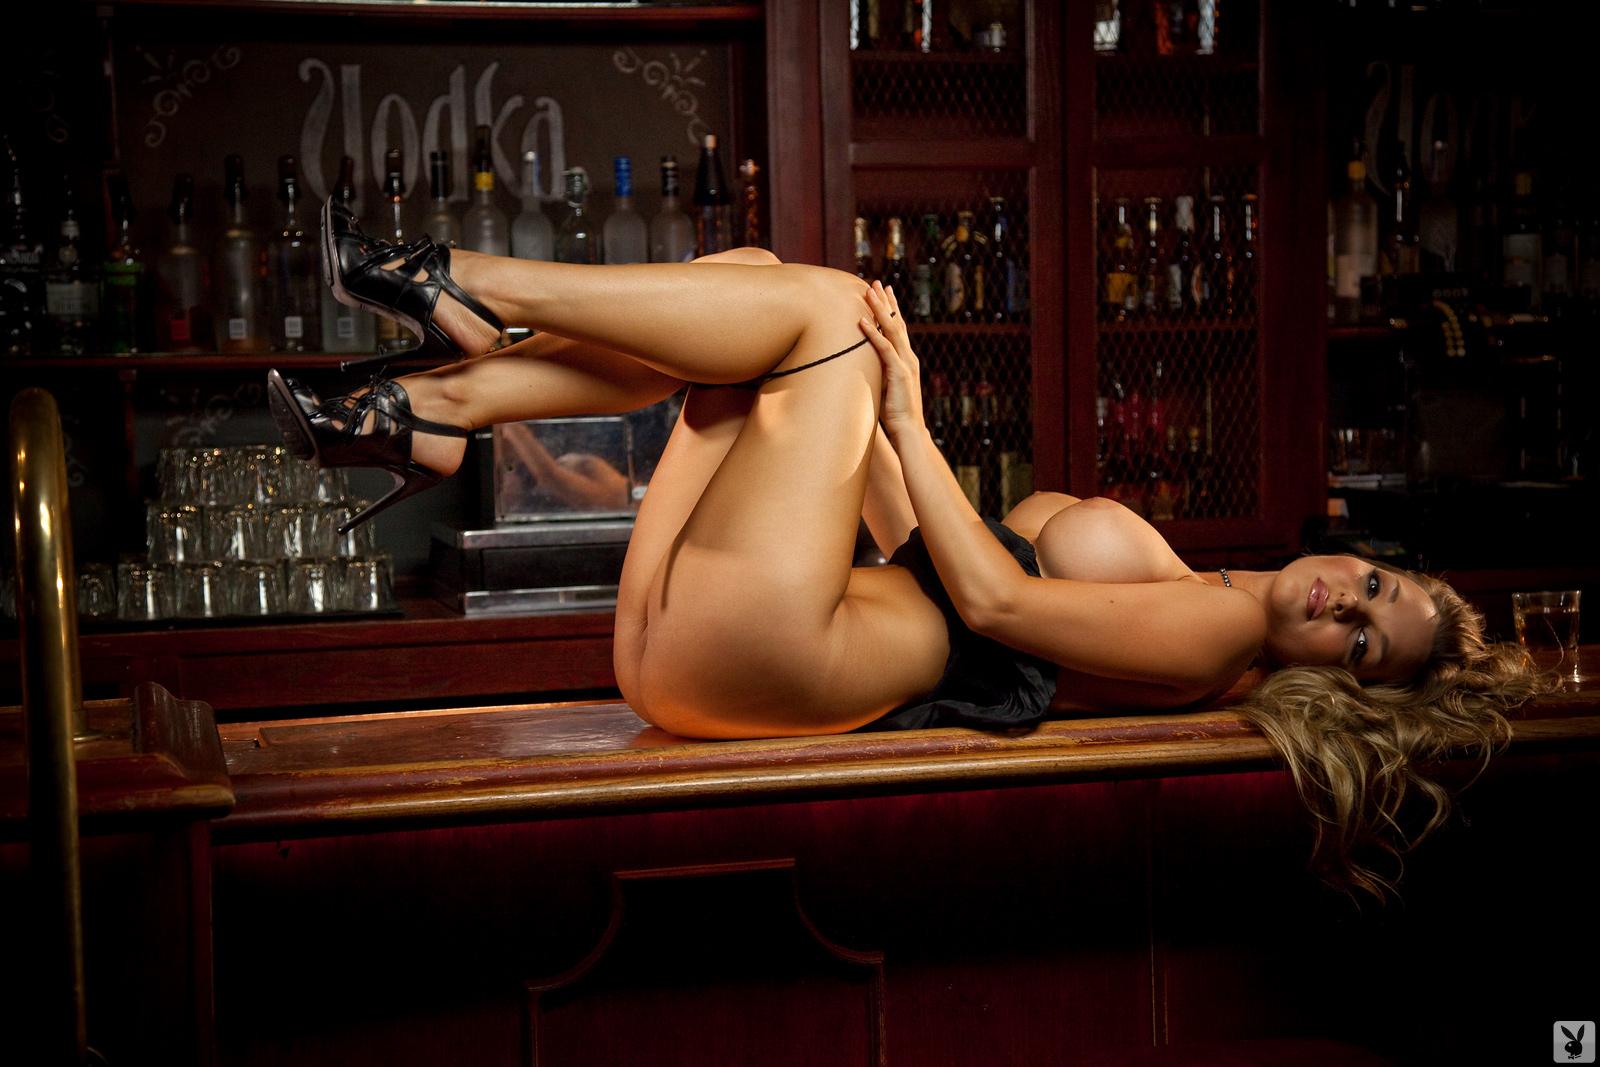 Видео голая девушка в баре — pic 13